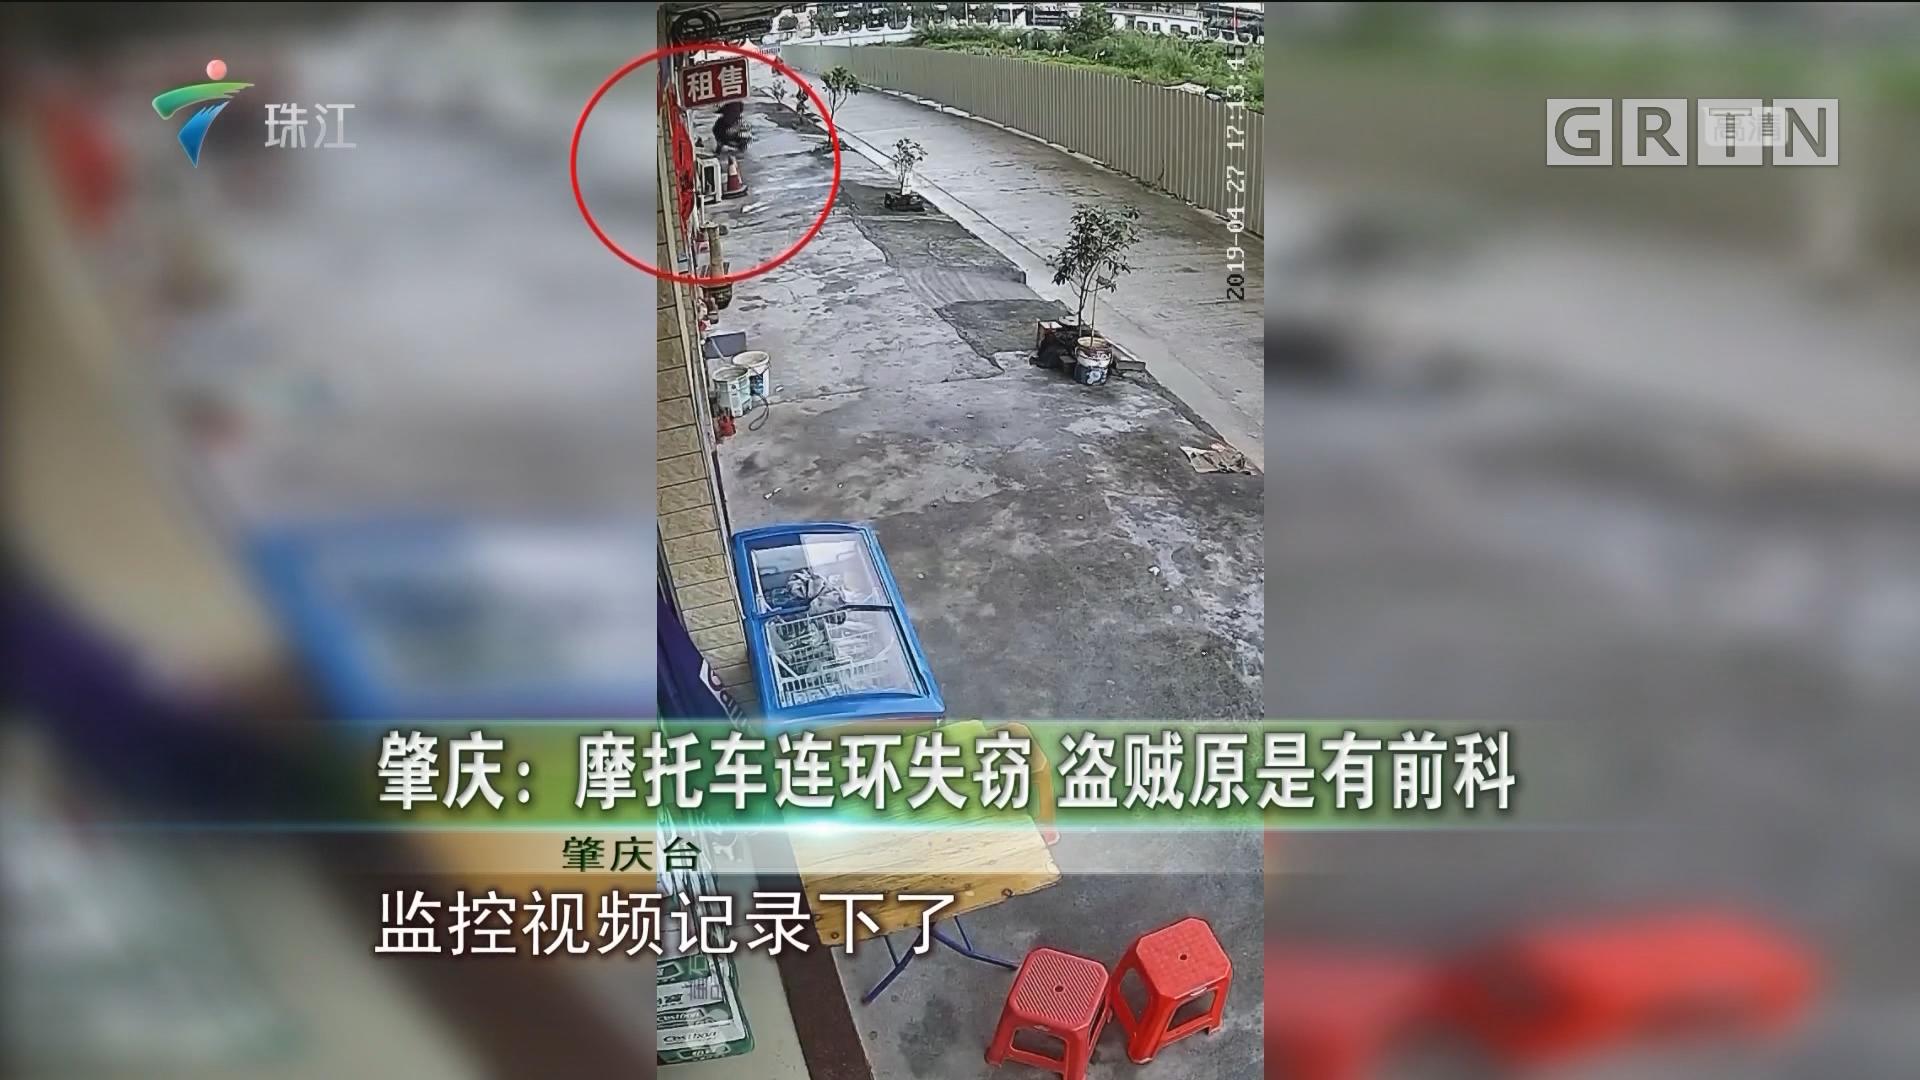 肇庆:摩托车连环失窃 盗贼原是有前科